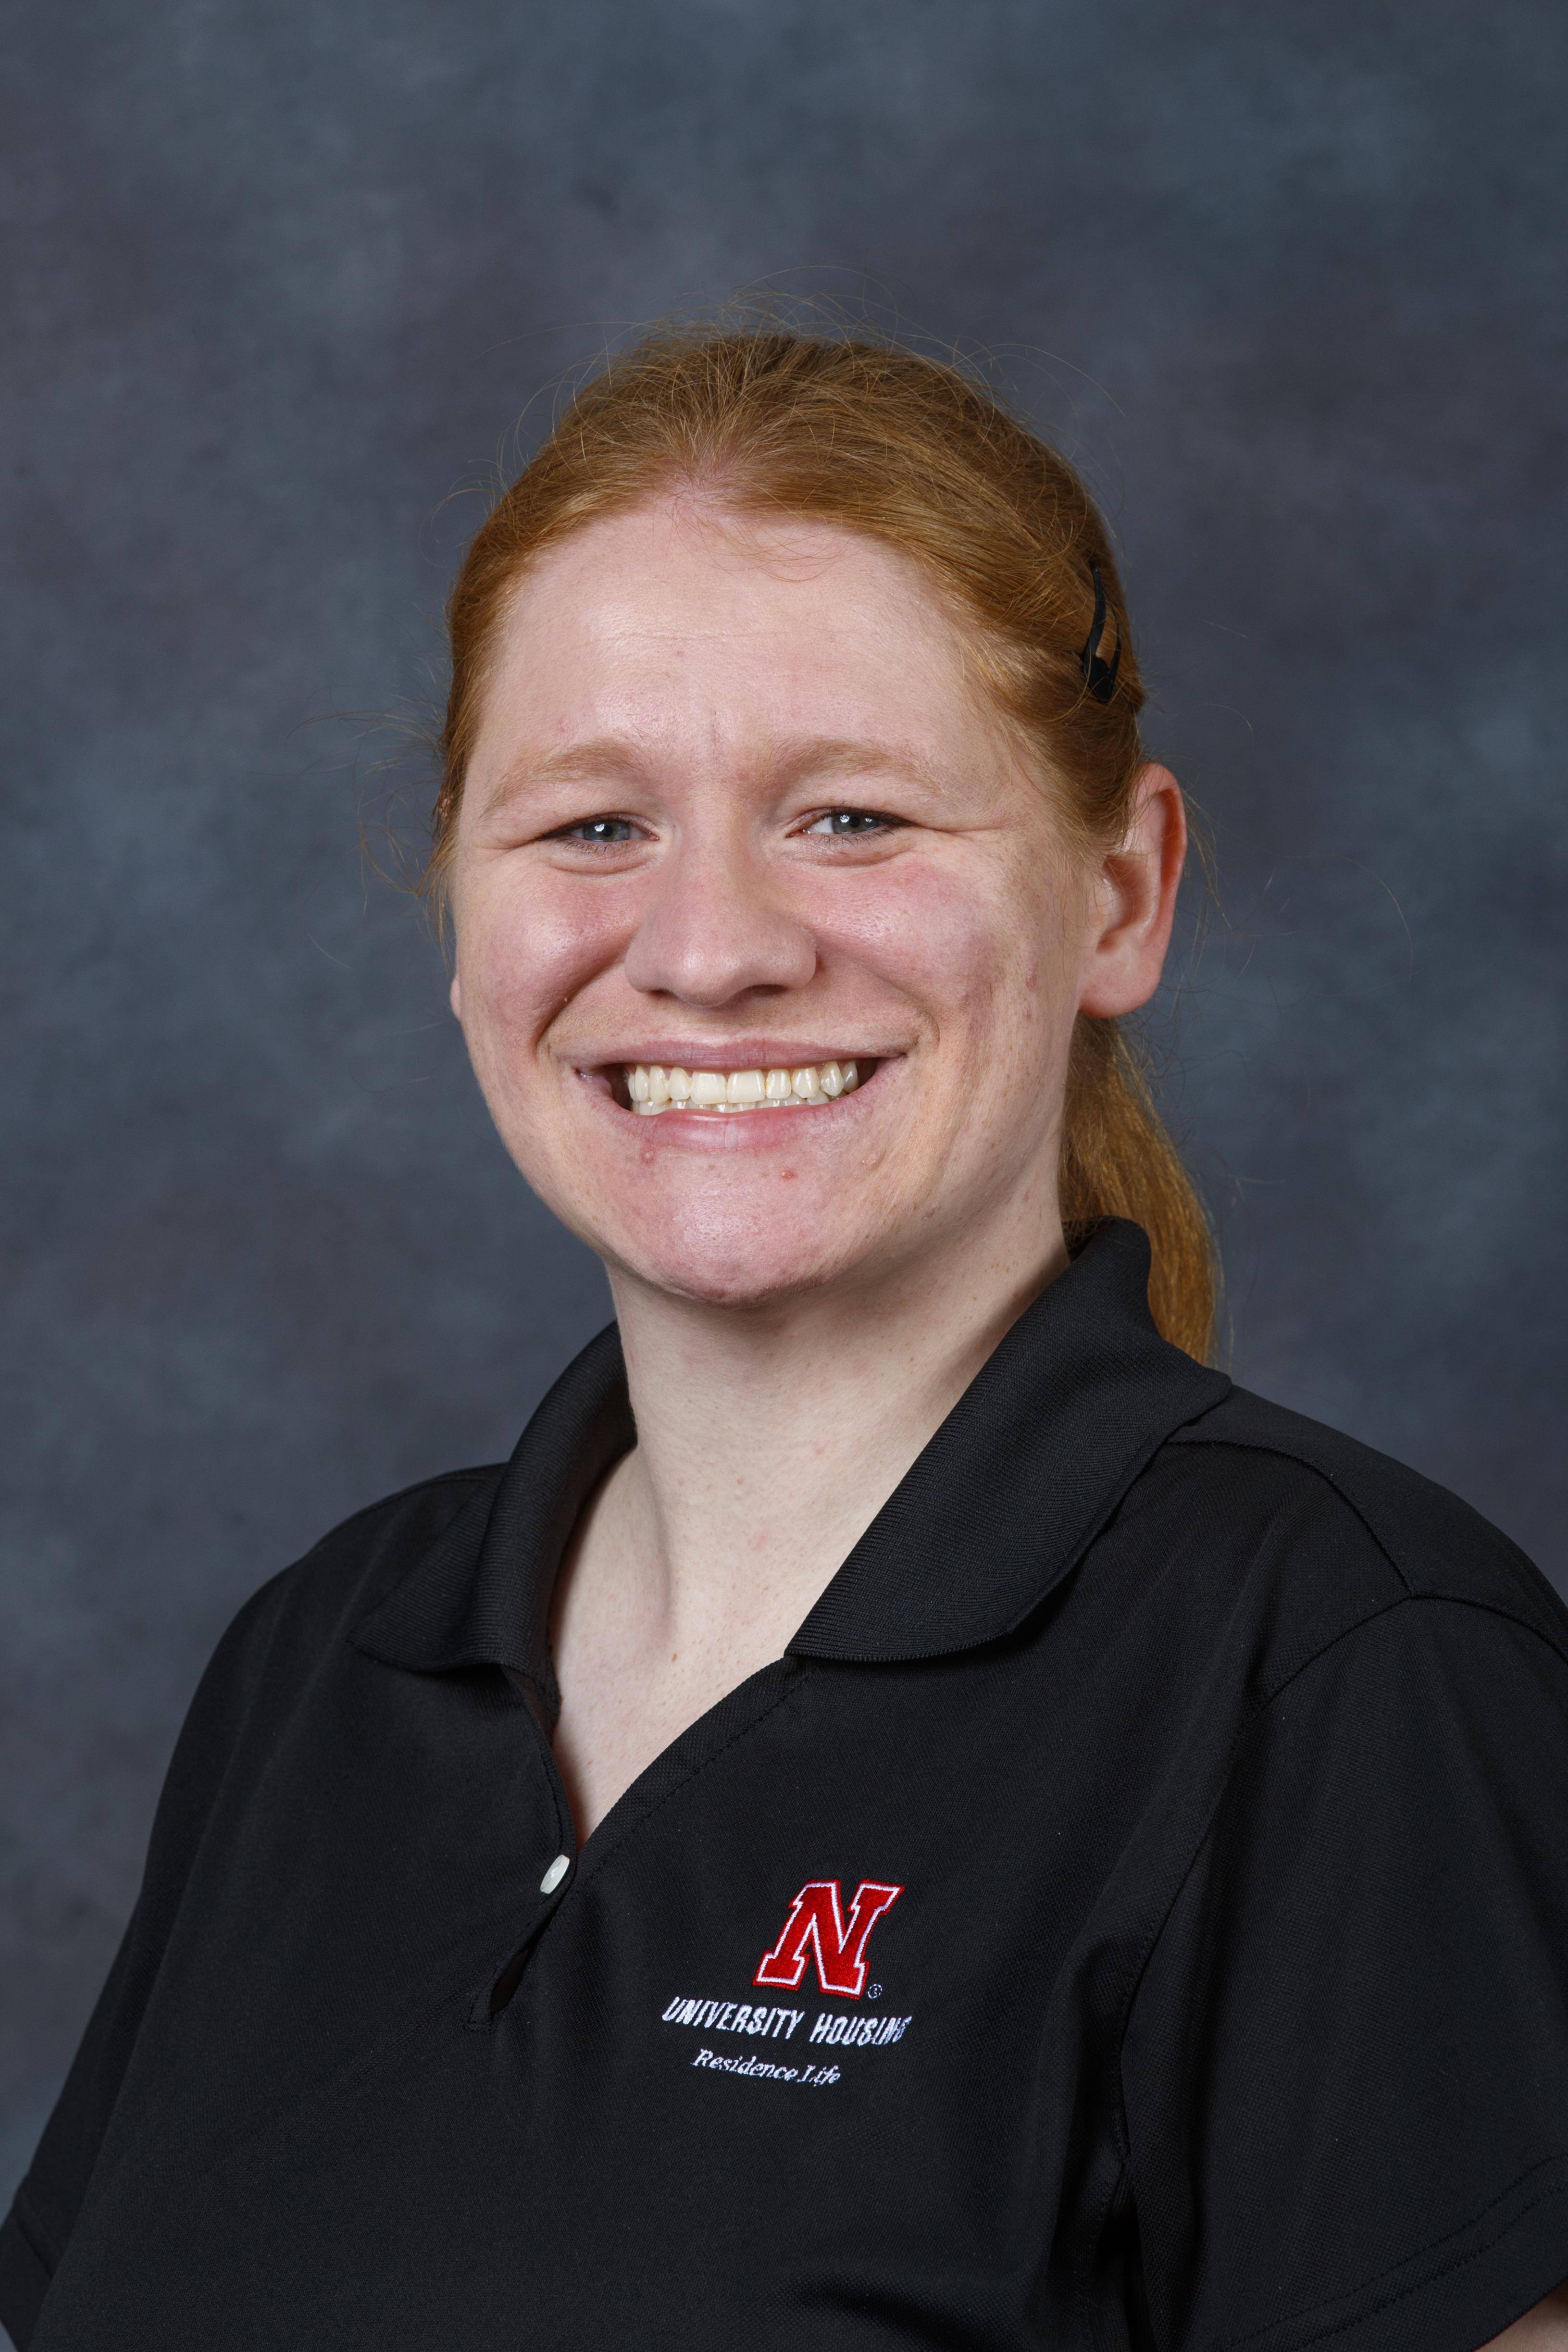 Katie Kane